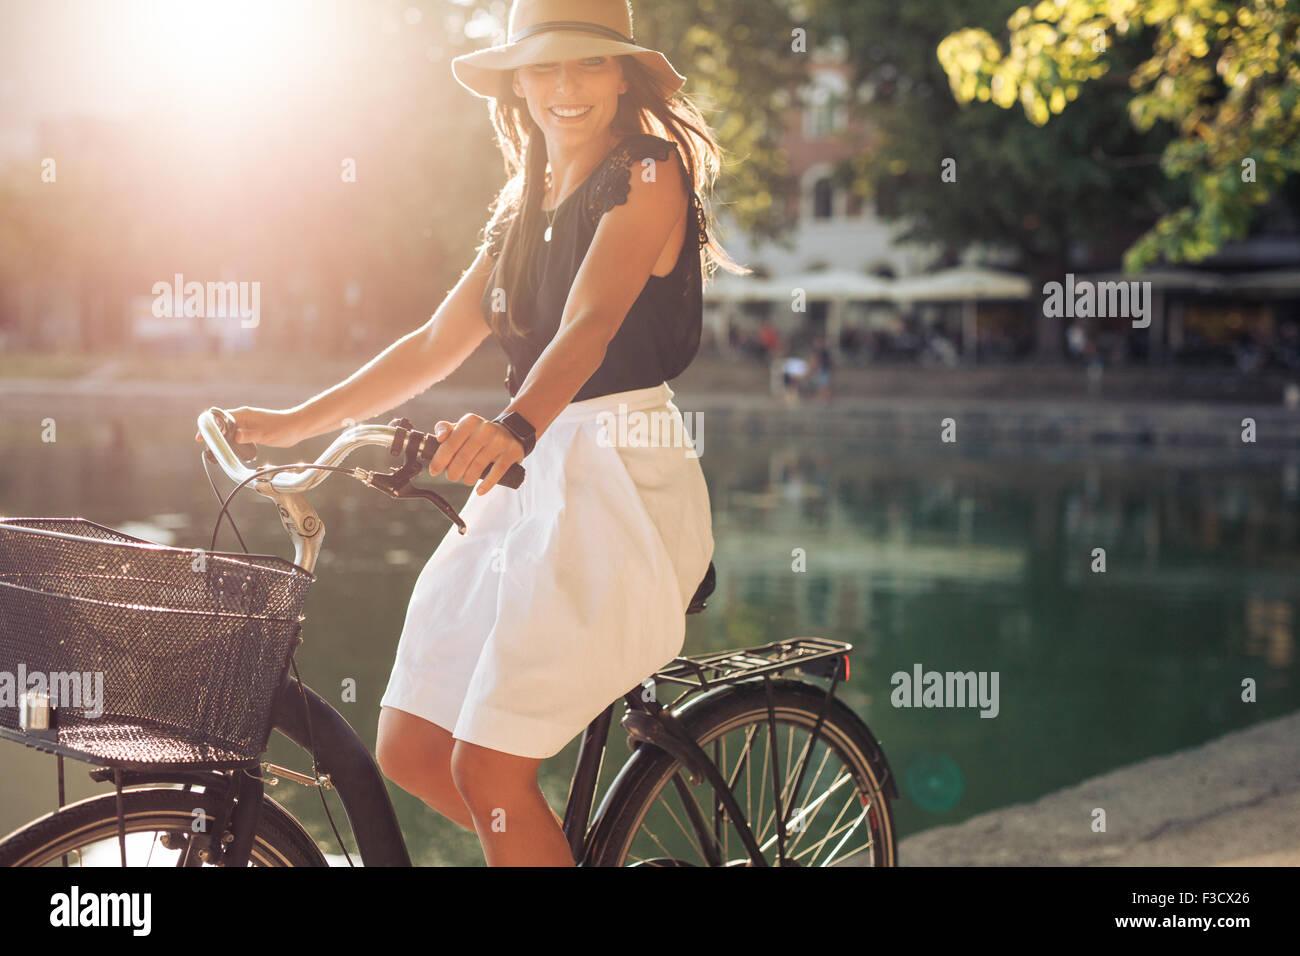 Portrait of happy young female vélo par un étang. Femme portant un chapeau un jour d'été équitation son vélo au Banque D'Images